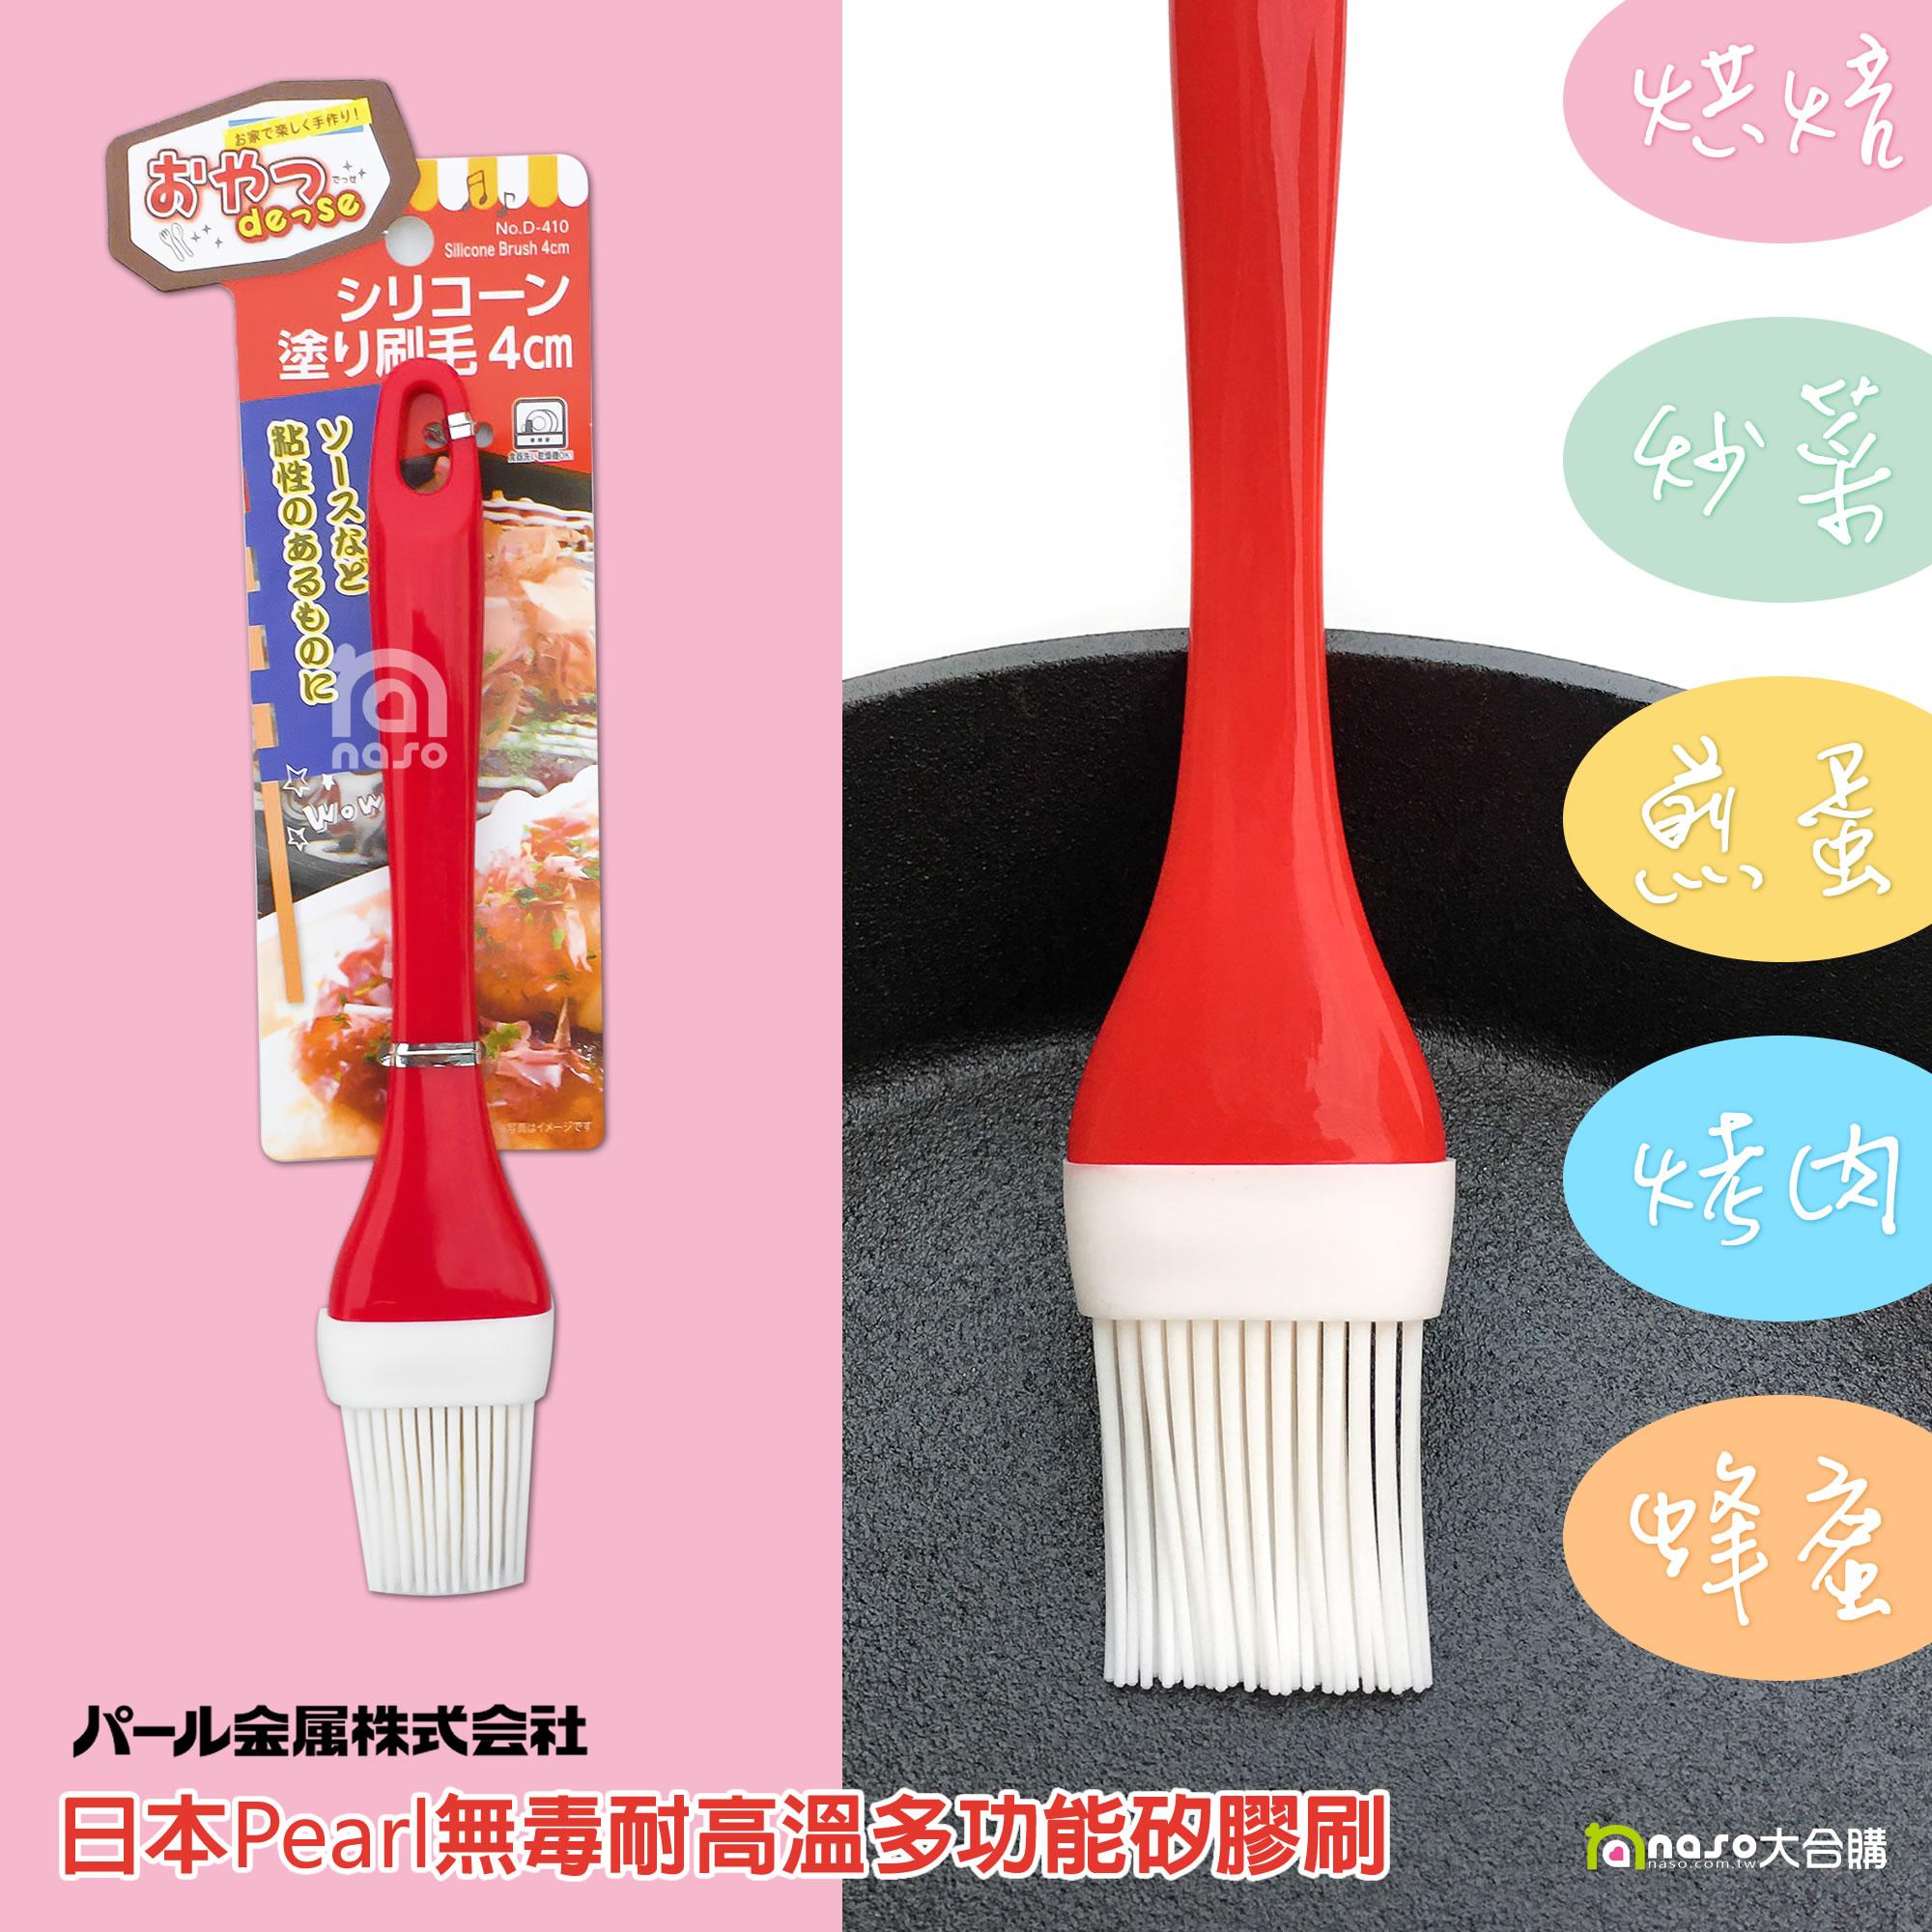 日本Pearl無毒耐高溫多功能矽膠刷(環保、無毒、健康、好清洗) 好評第3團